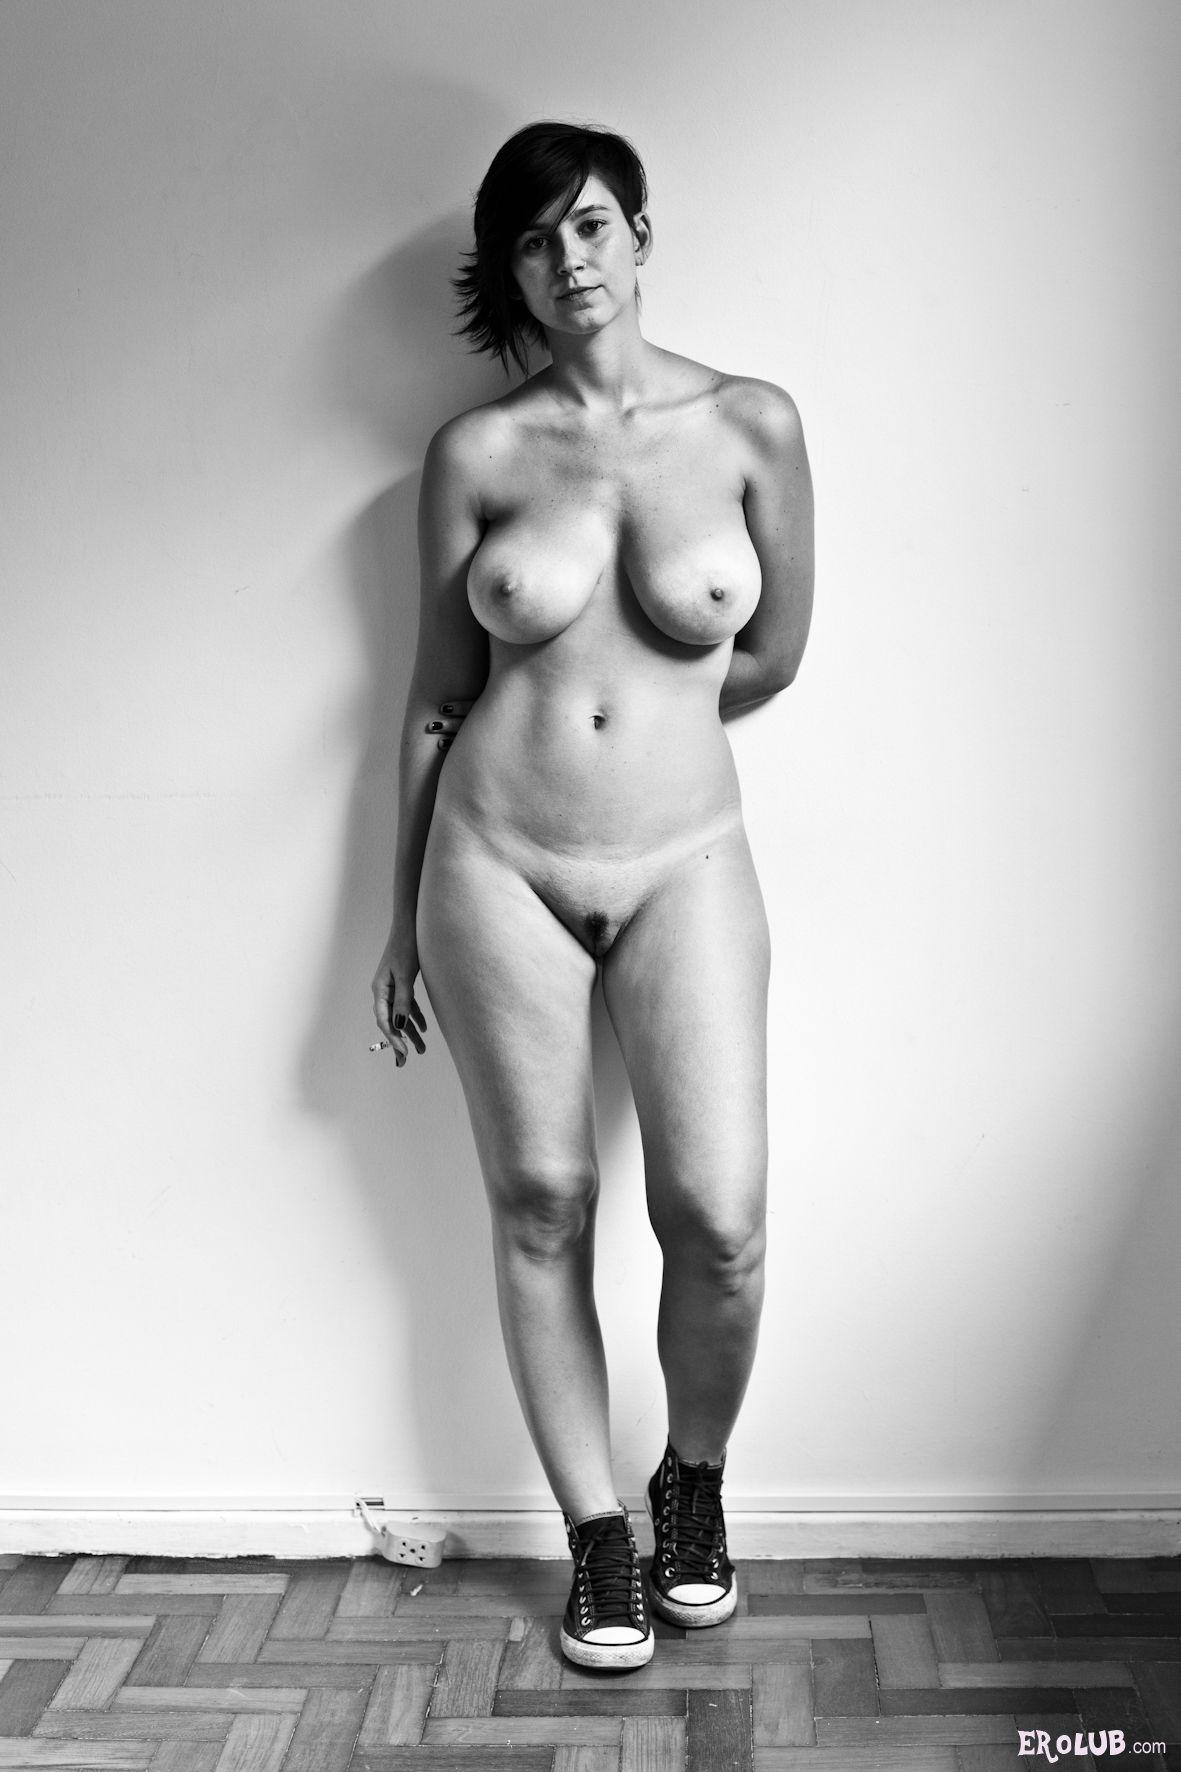 golie-zhenskie-figuri-foto